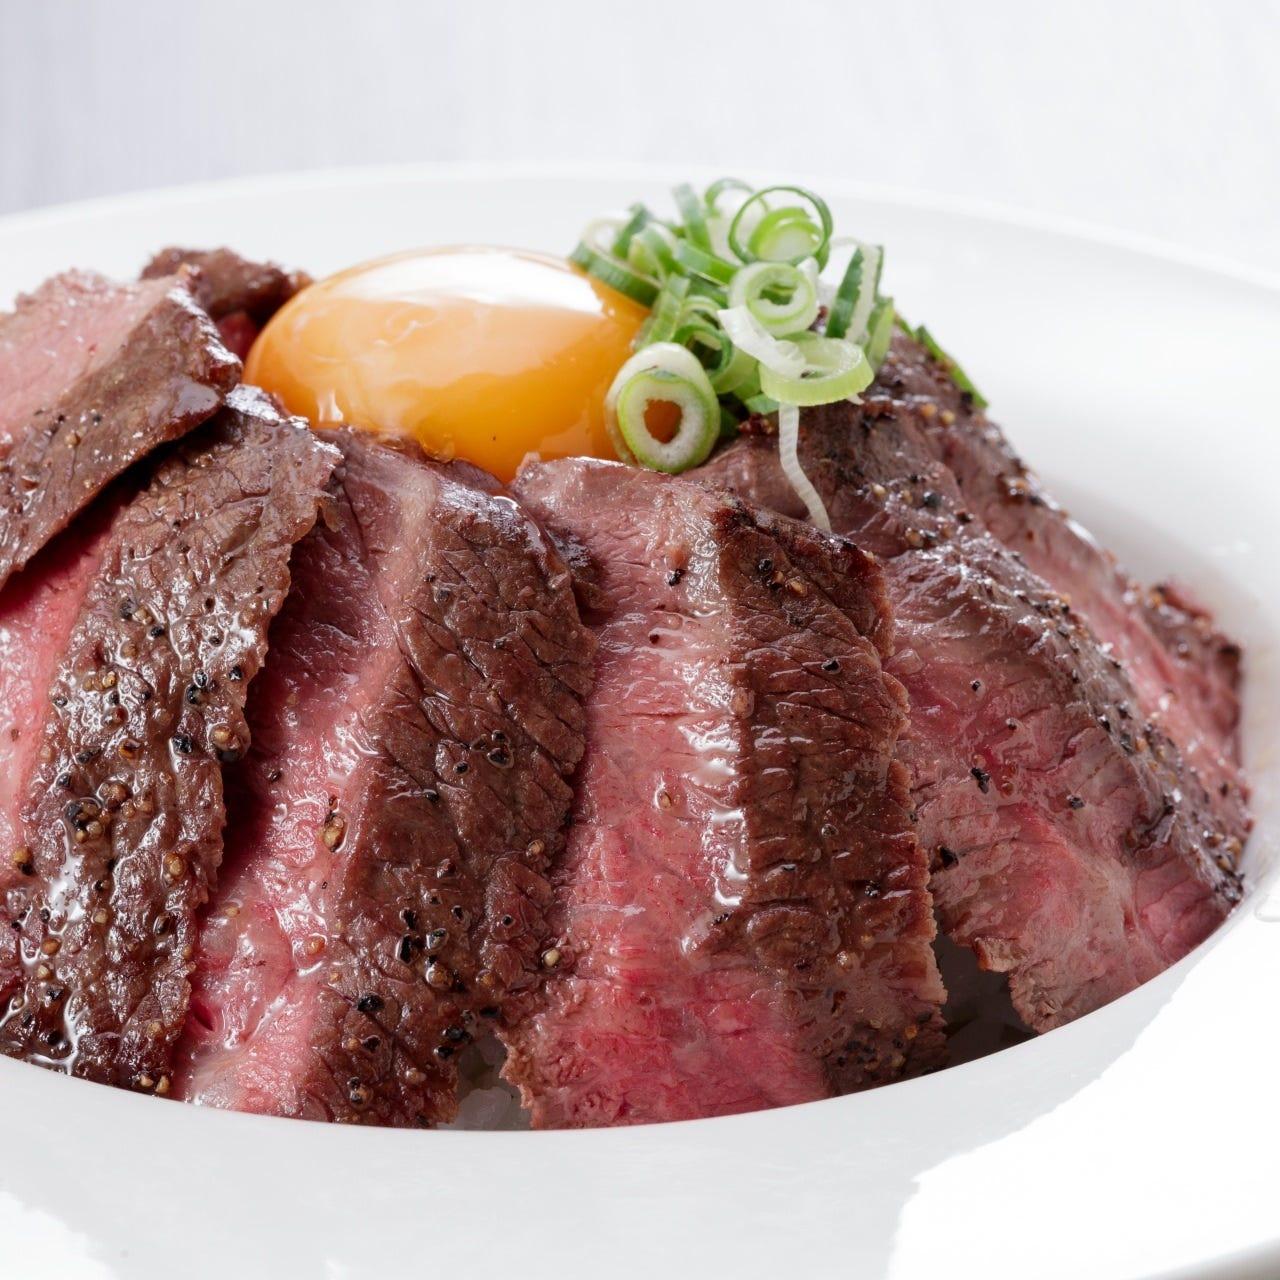 【平日数量限定】牛ステーキもりもり丼:150g800円(税込)~